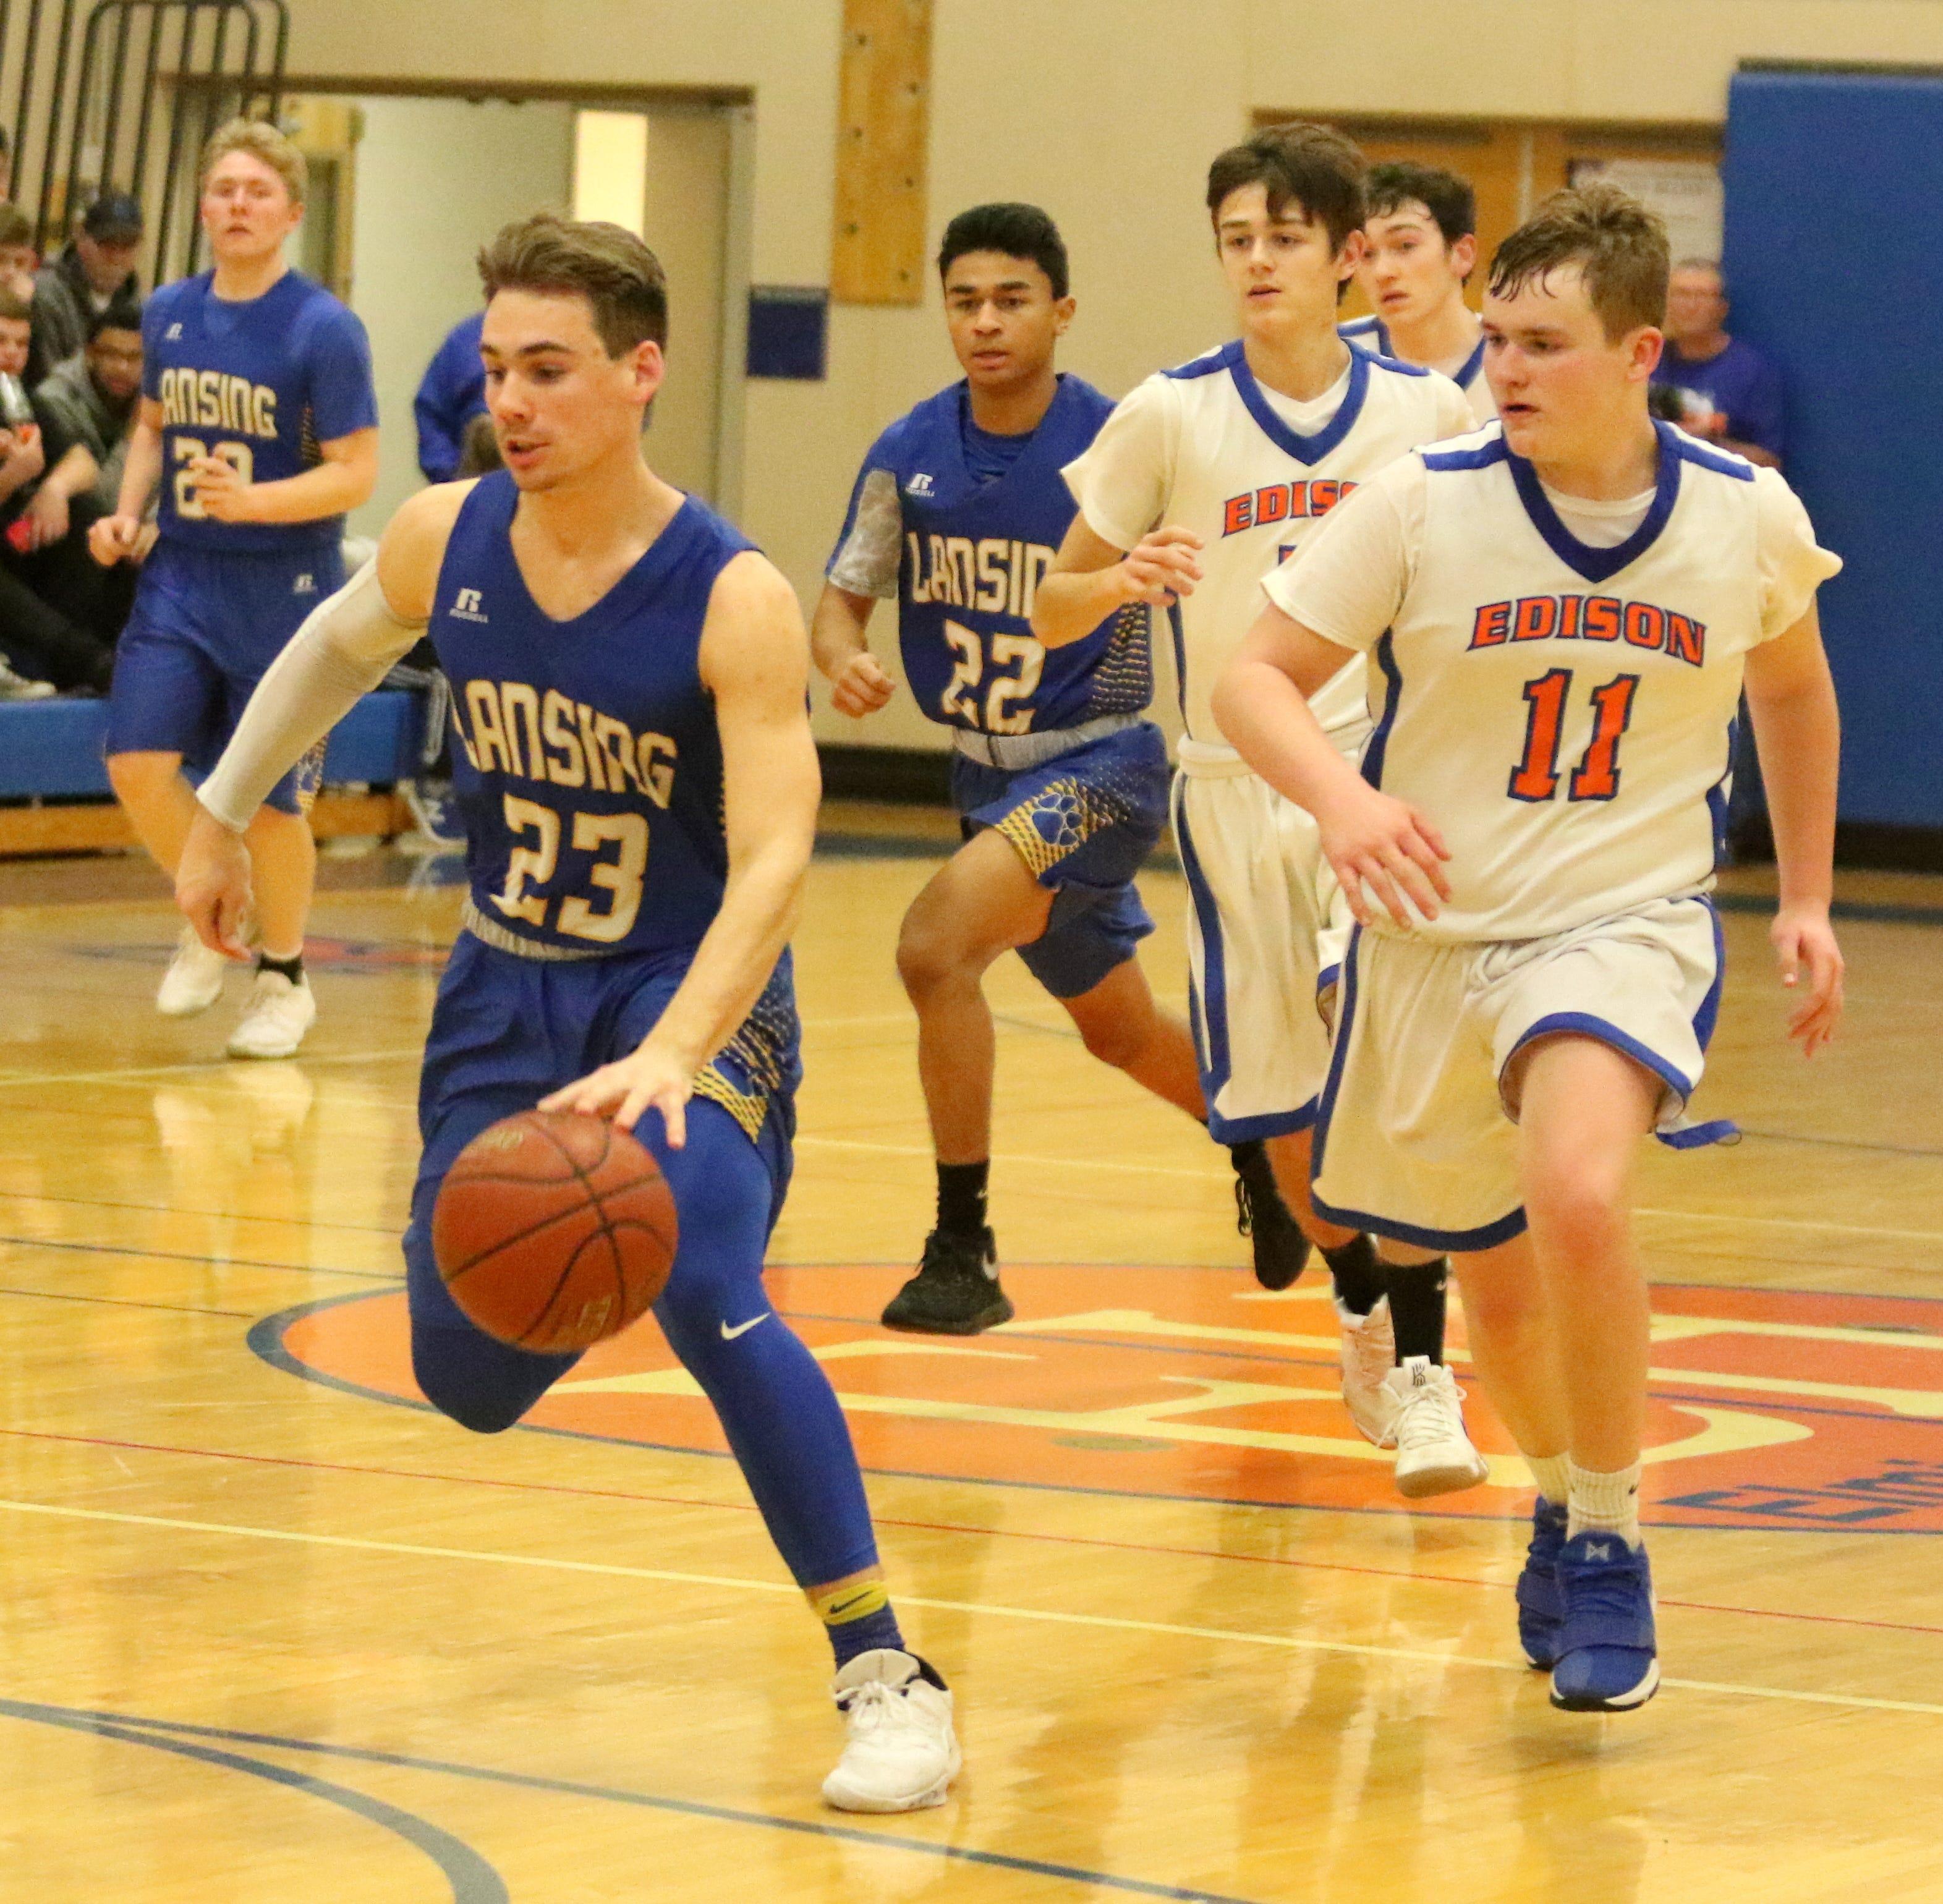 Boys basketball: Lansing's pressure defense keys win over Edison